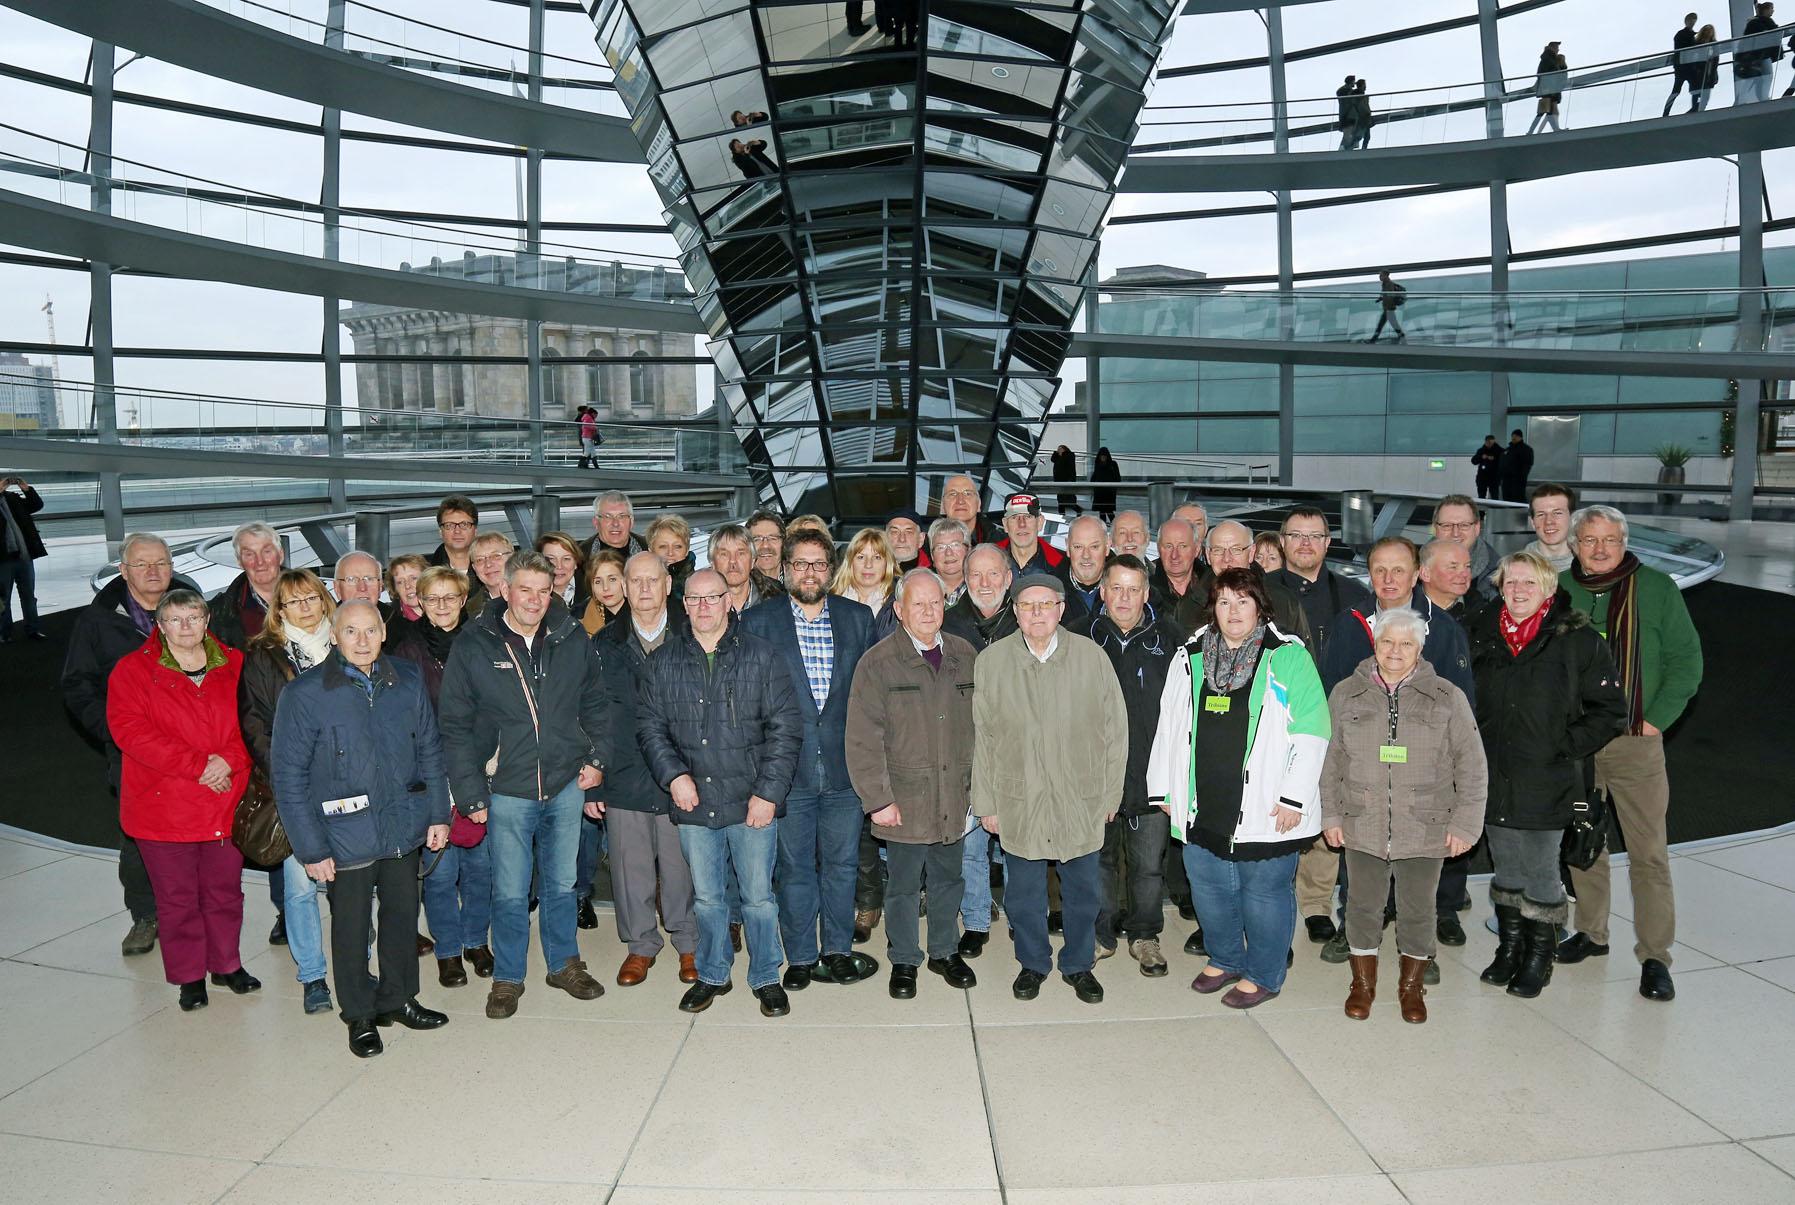 46 Bürgerinnen und Bürger - vor allem aus Westerstede und umzu - und ich.